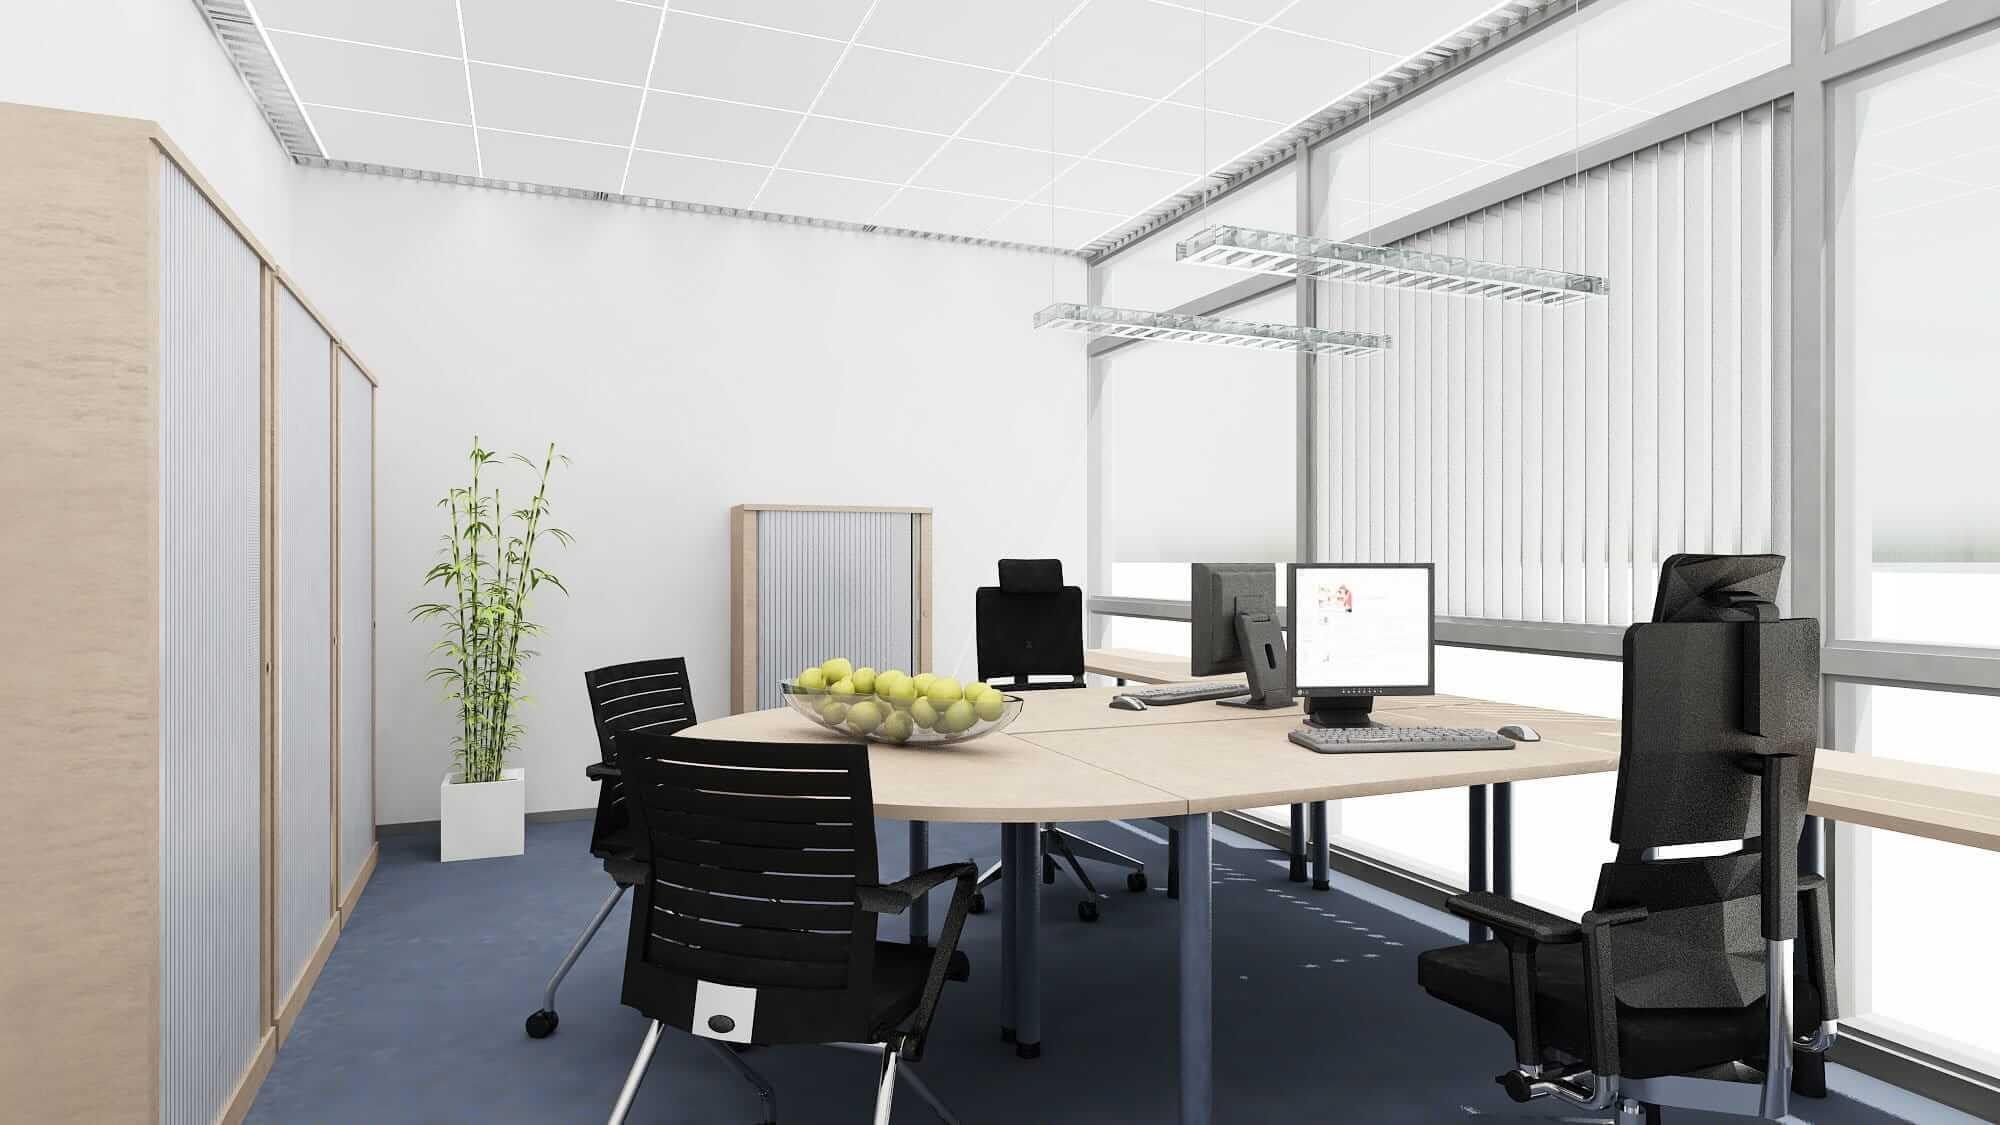 Büroarbeitsplatz mit zu prüfenden ortsveränderlichen elektrischen Betriebsmitteln